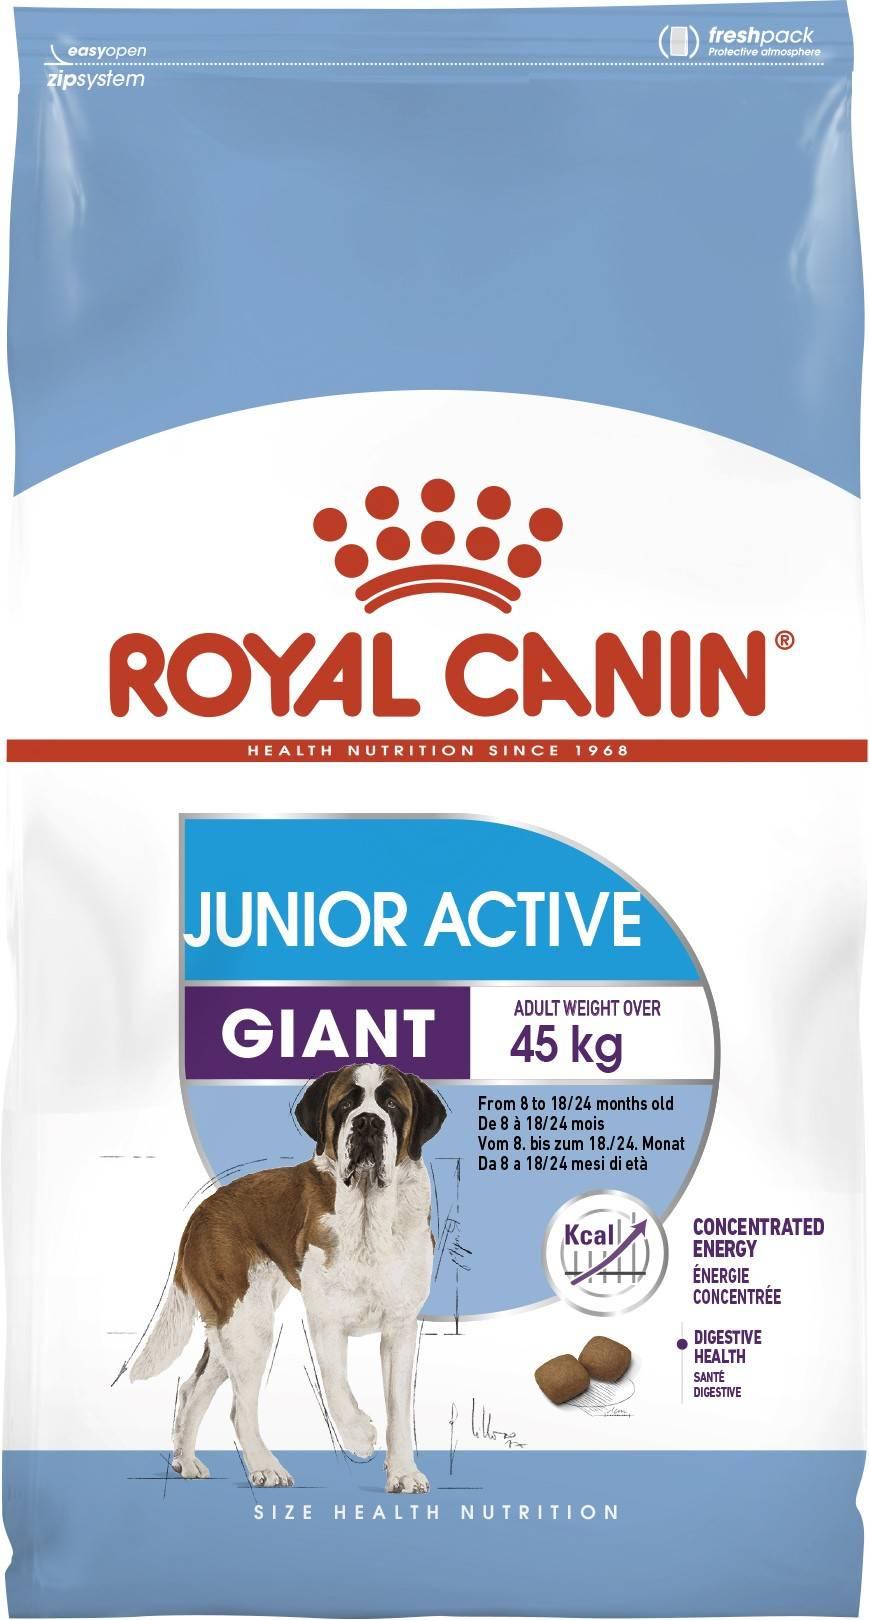 ROYAL CANIN GIANT JUNIOR ACTIVE – сухой корм для щенков гигантских пород с высокими энергетическими потребностями